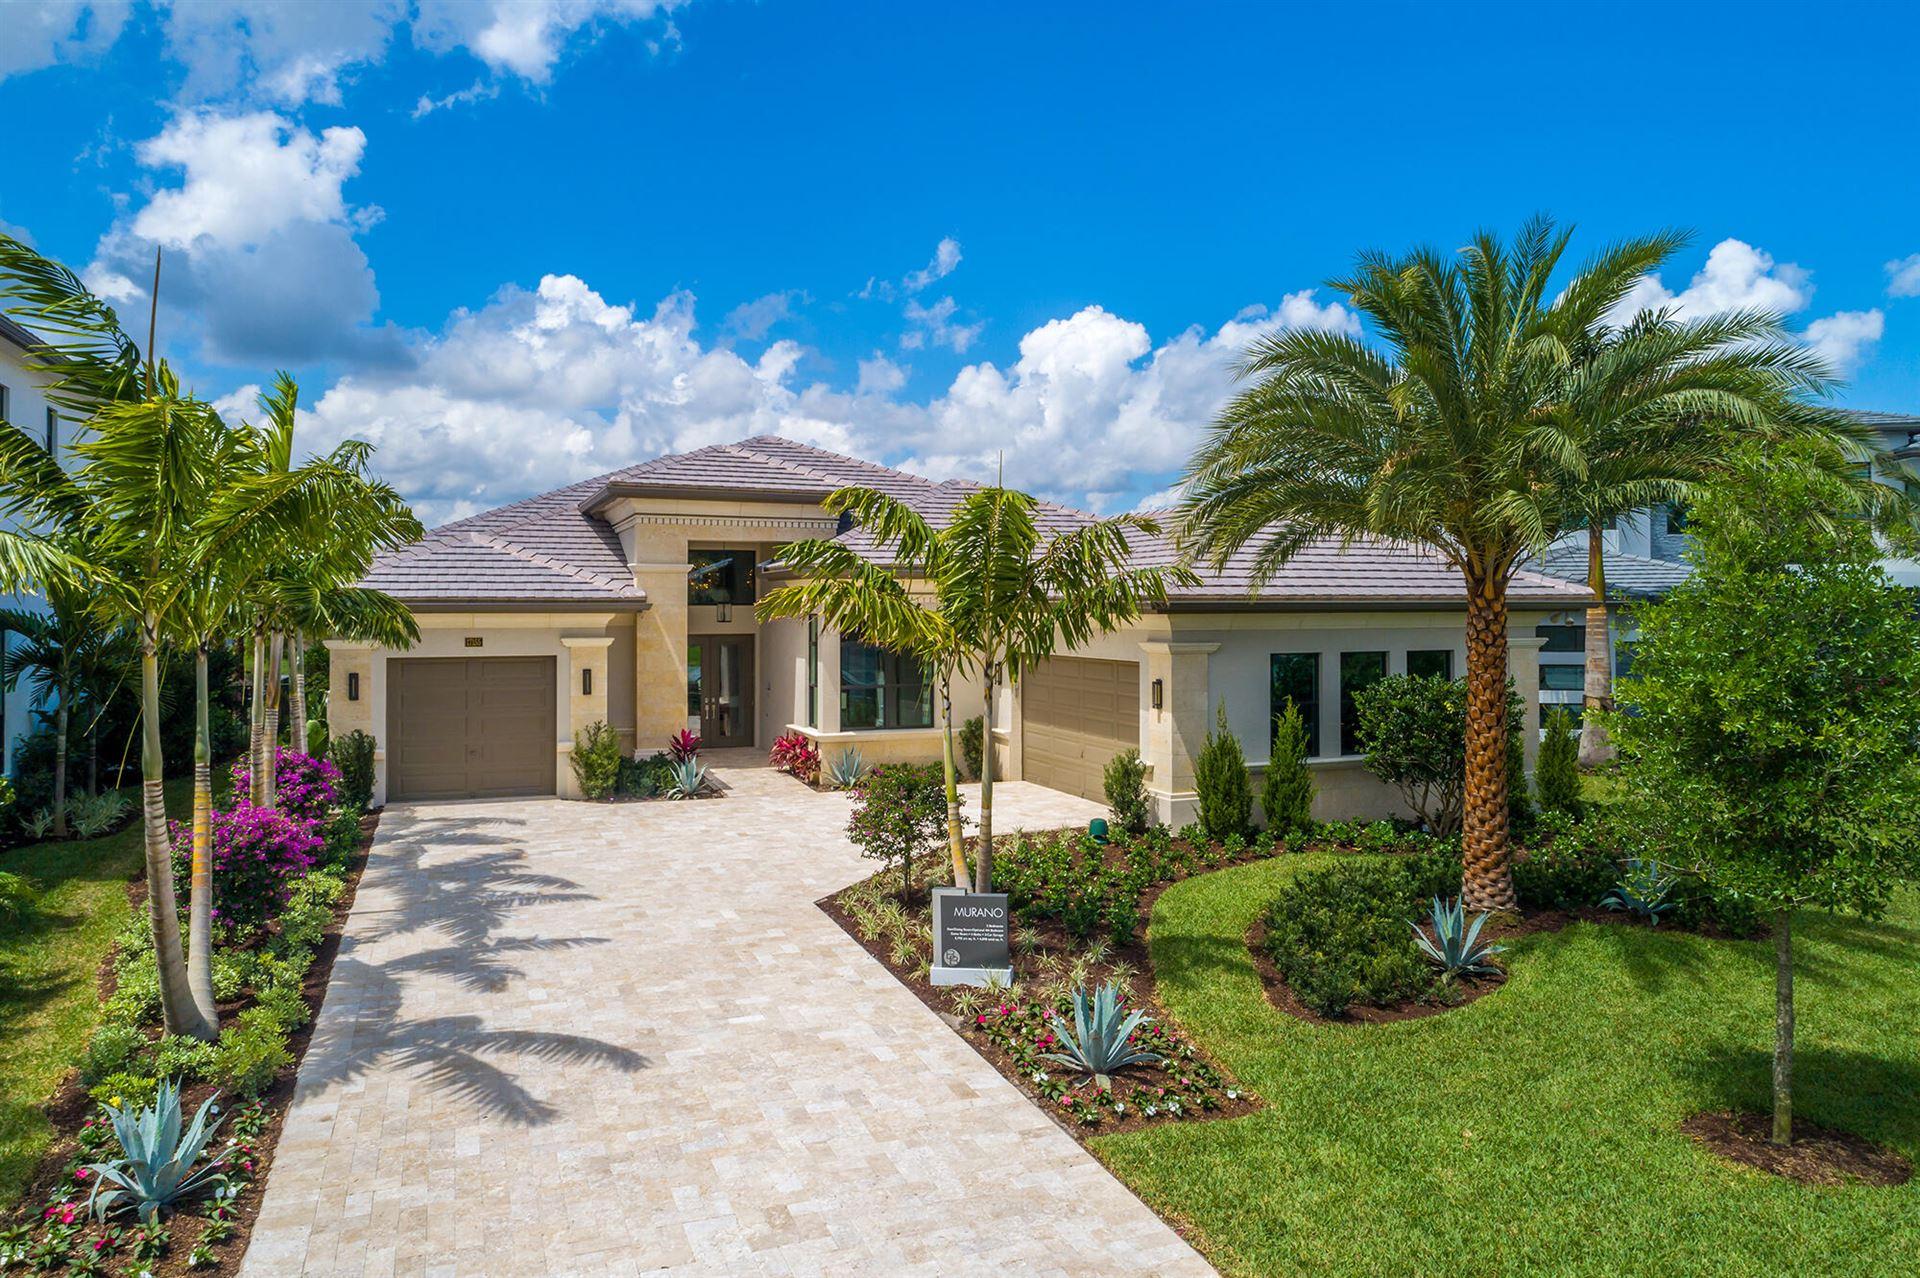 17155 Ludovica Lane, Boca Raton, FL 33496 - MLS#: RX-10744267